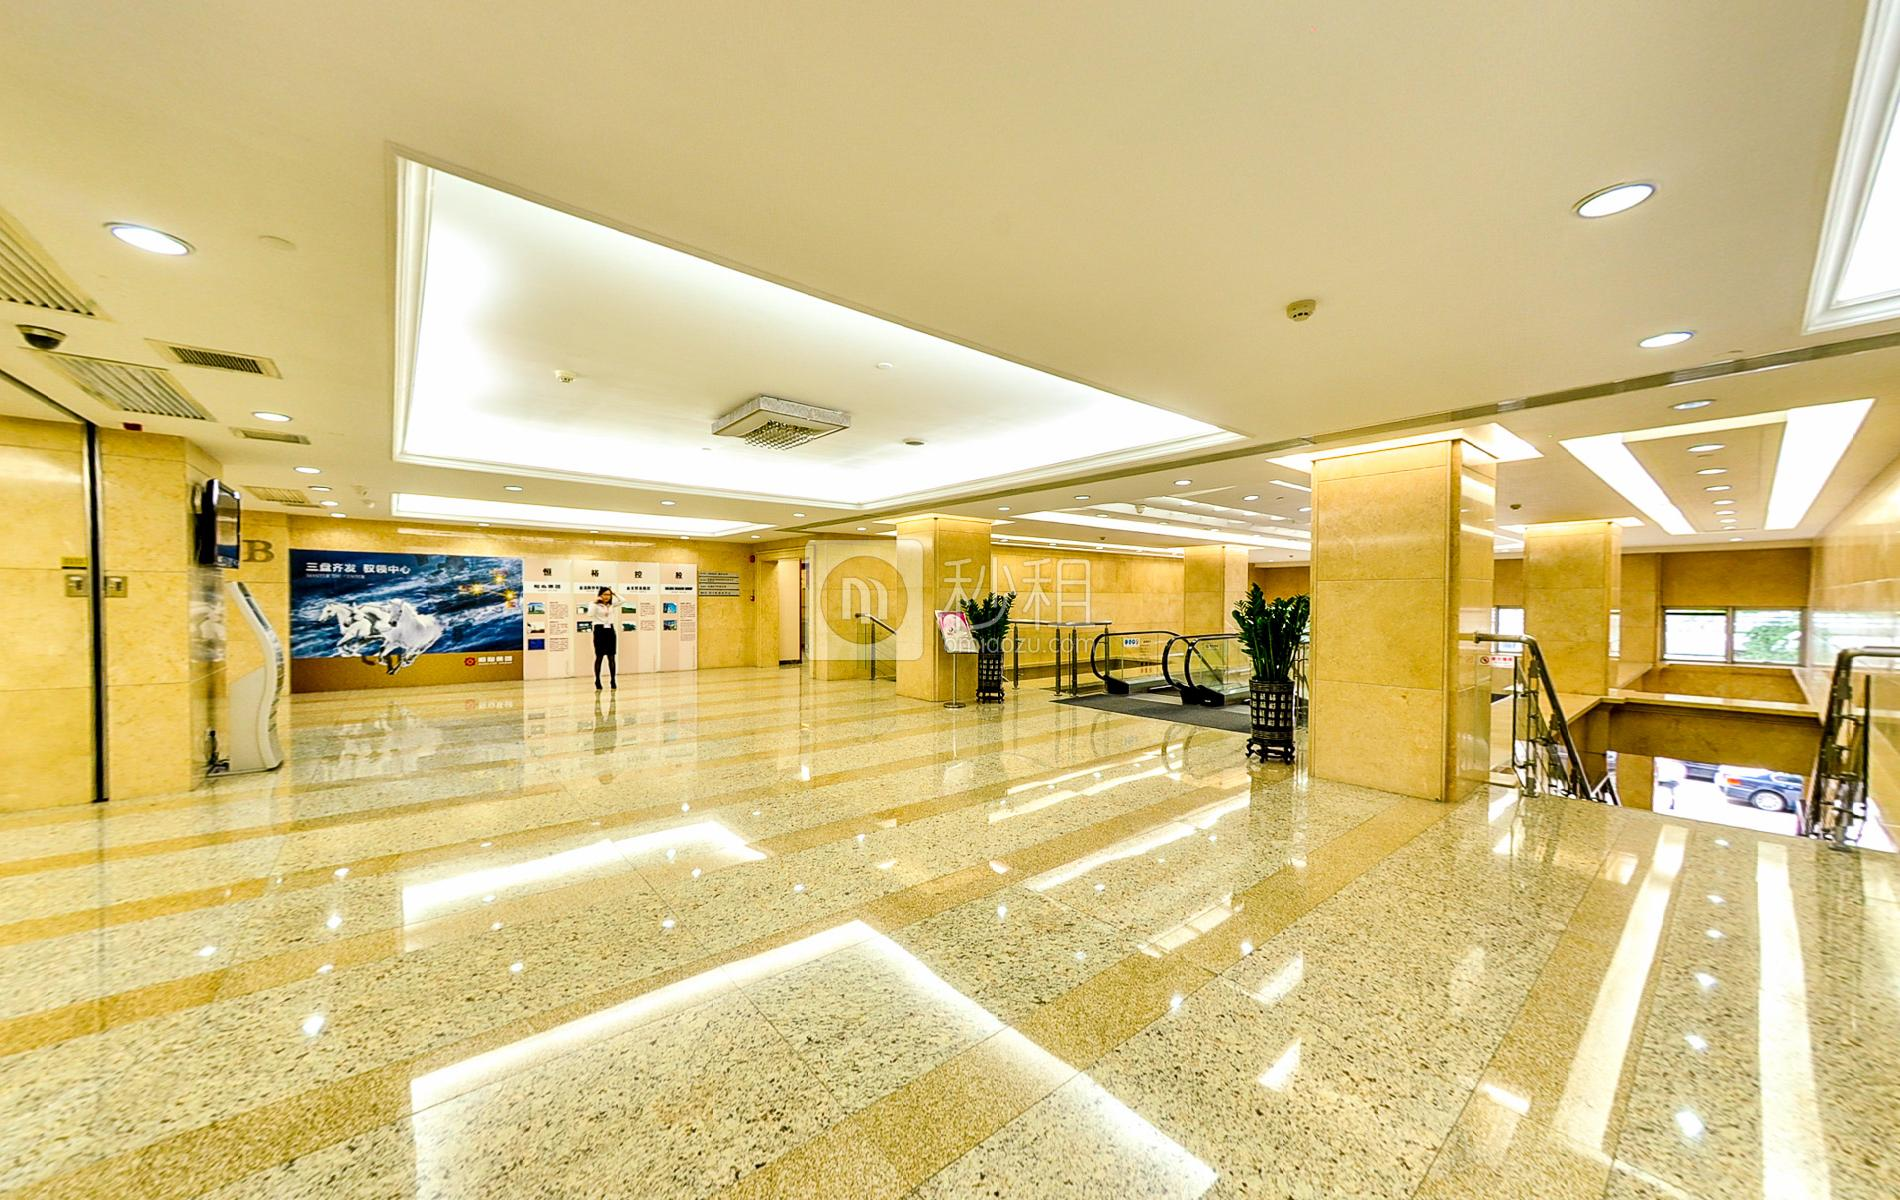 恒裕中心写字楼出租/招租/租赁,恒裕中心办公室出租/招租/租赁